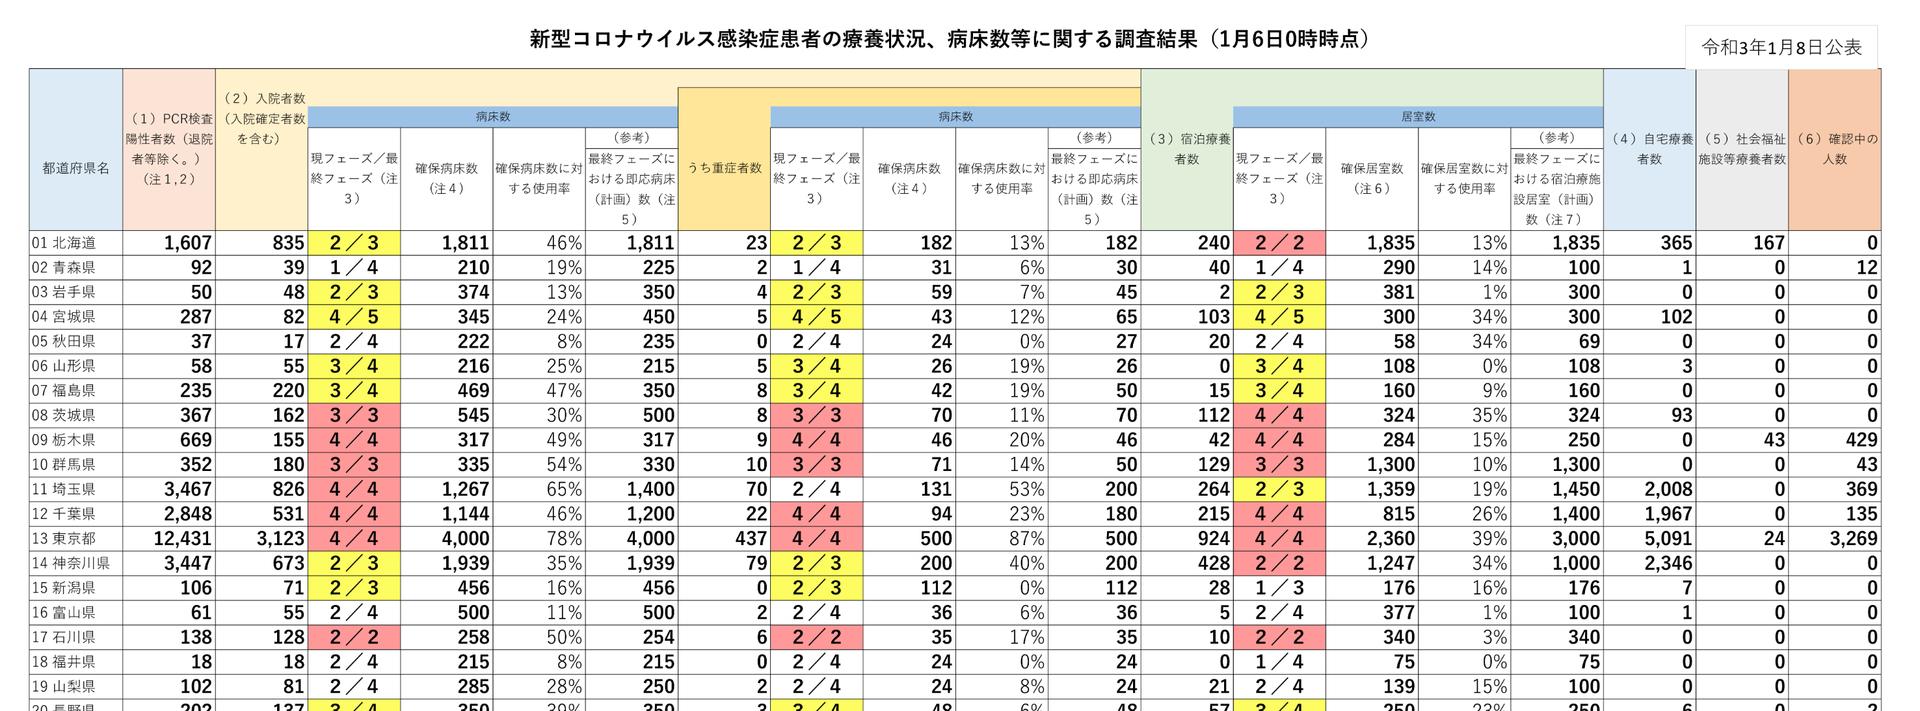 f:id:officenagasawa:20210109190941j:plain